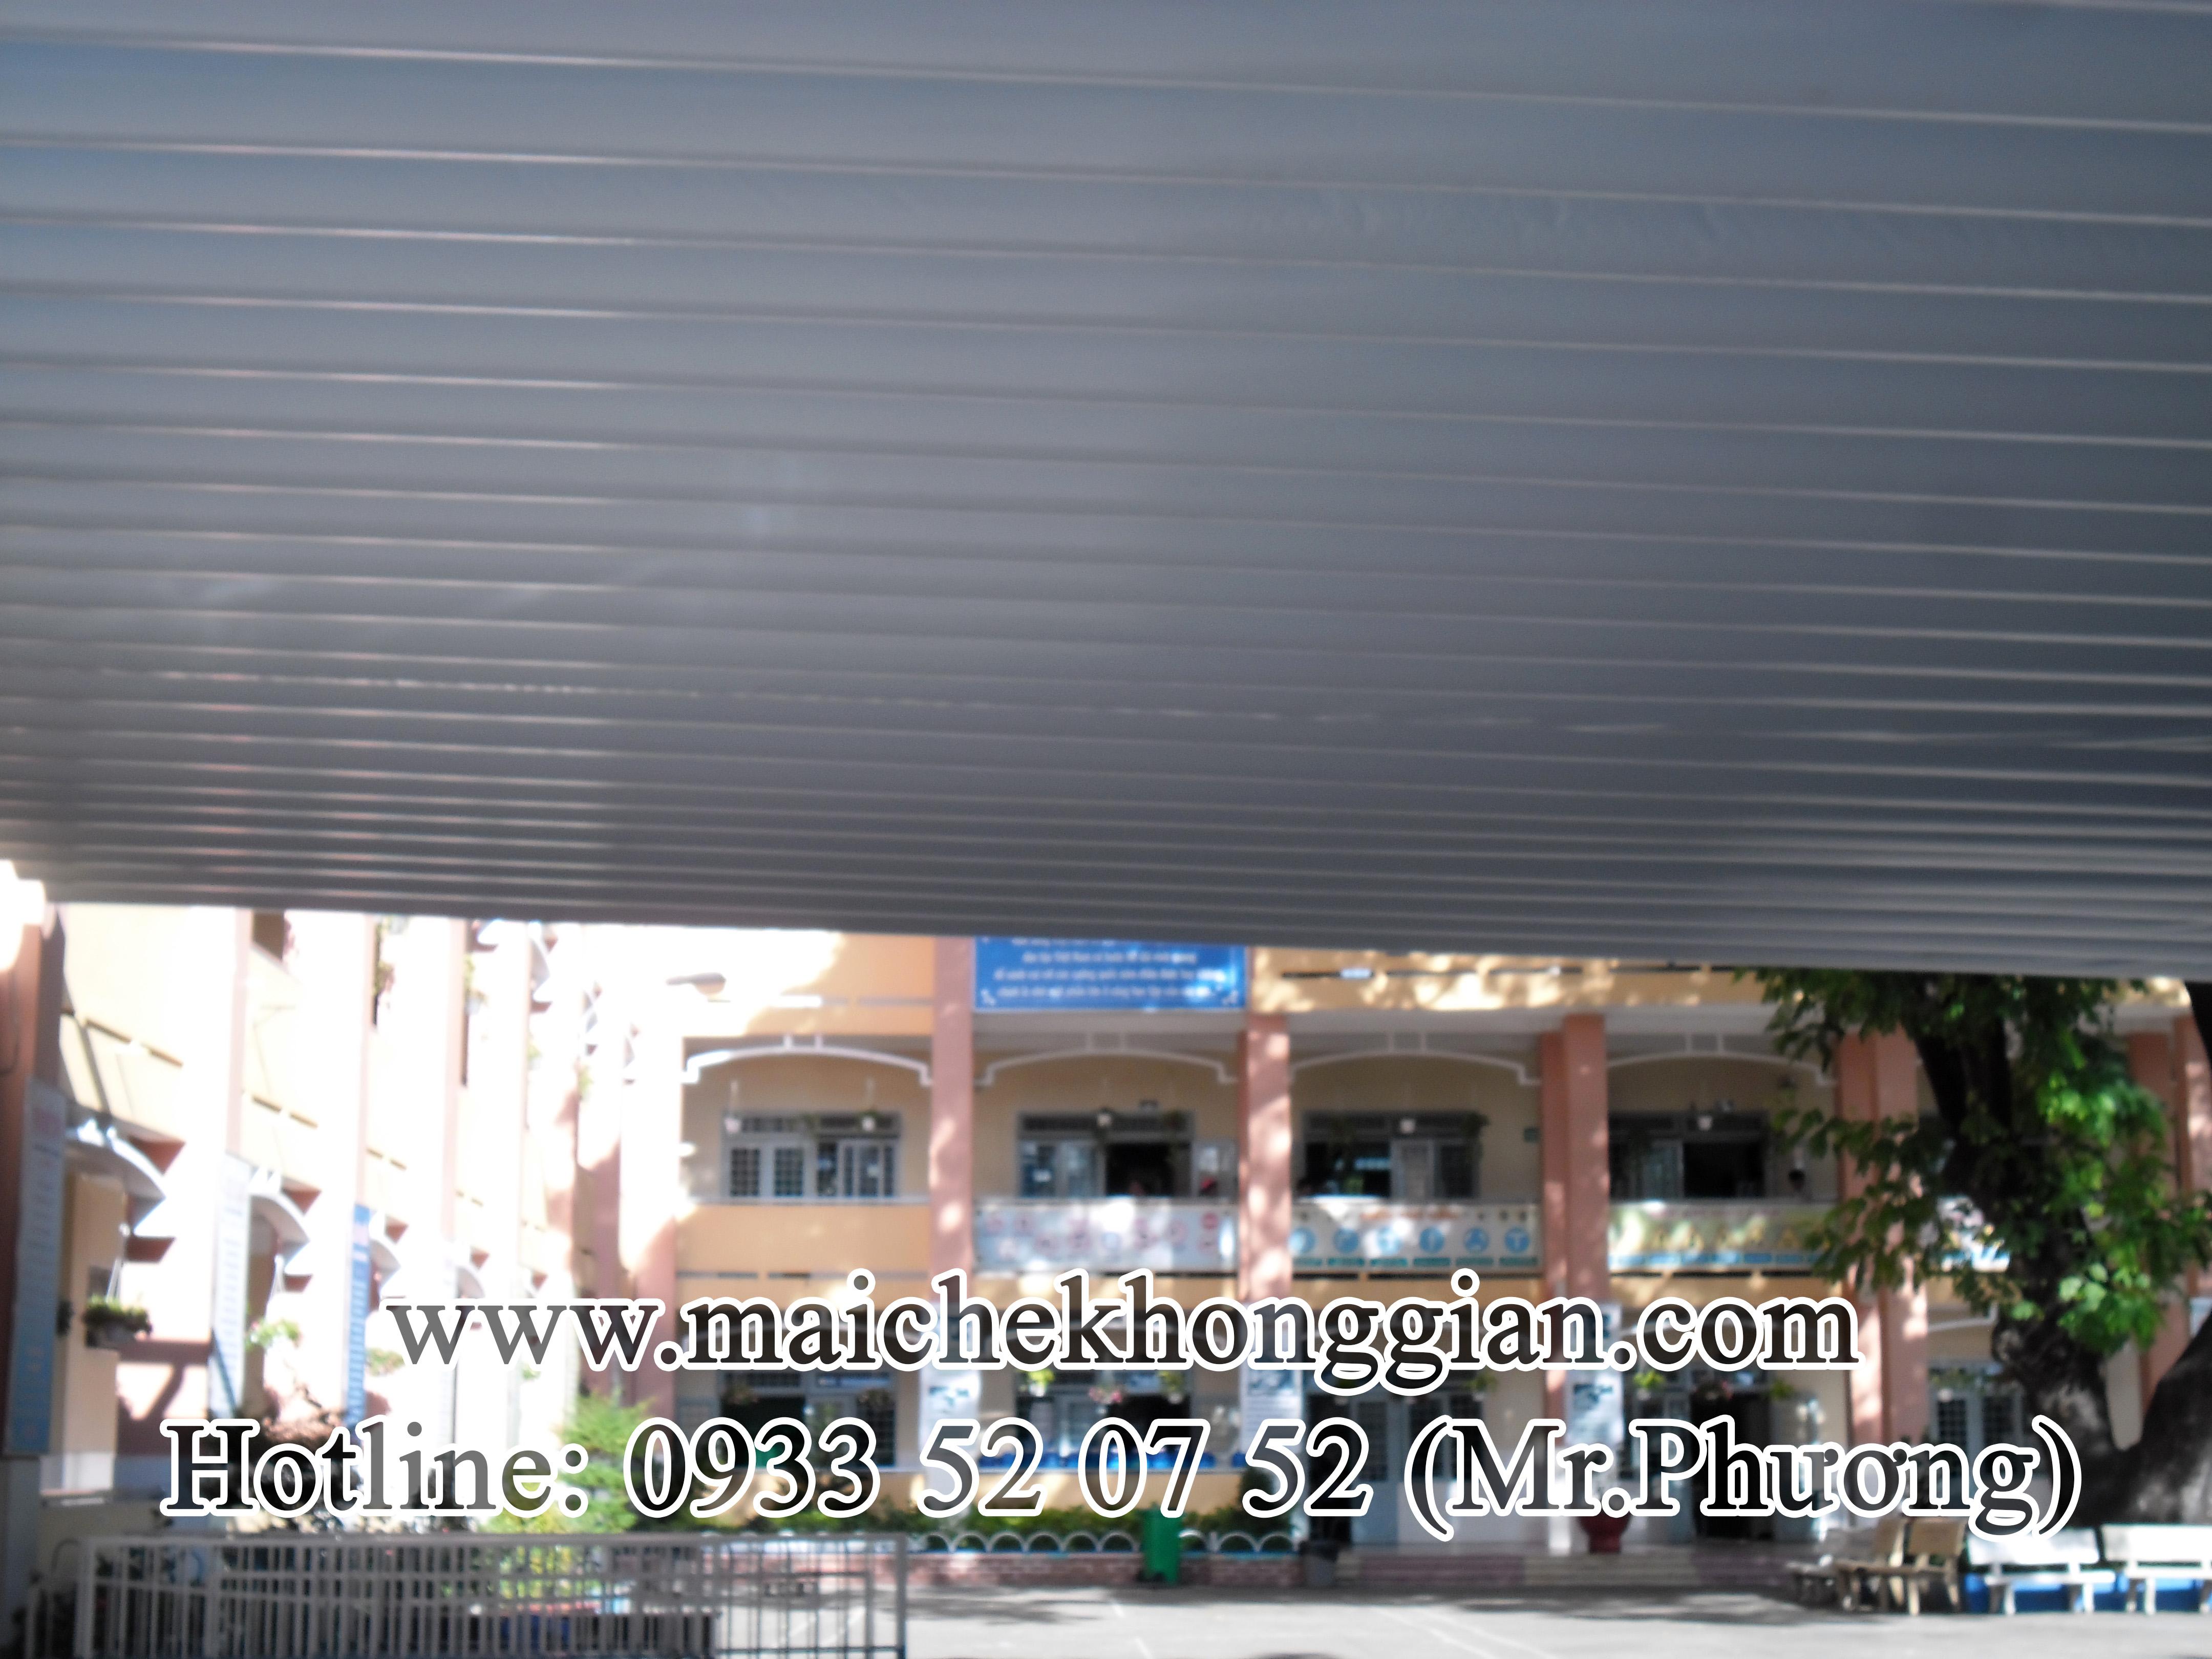 Mái Che Sân Trường Cai Lậy Tiền Giang